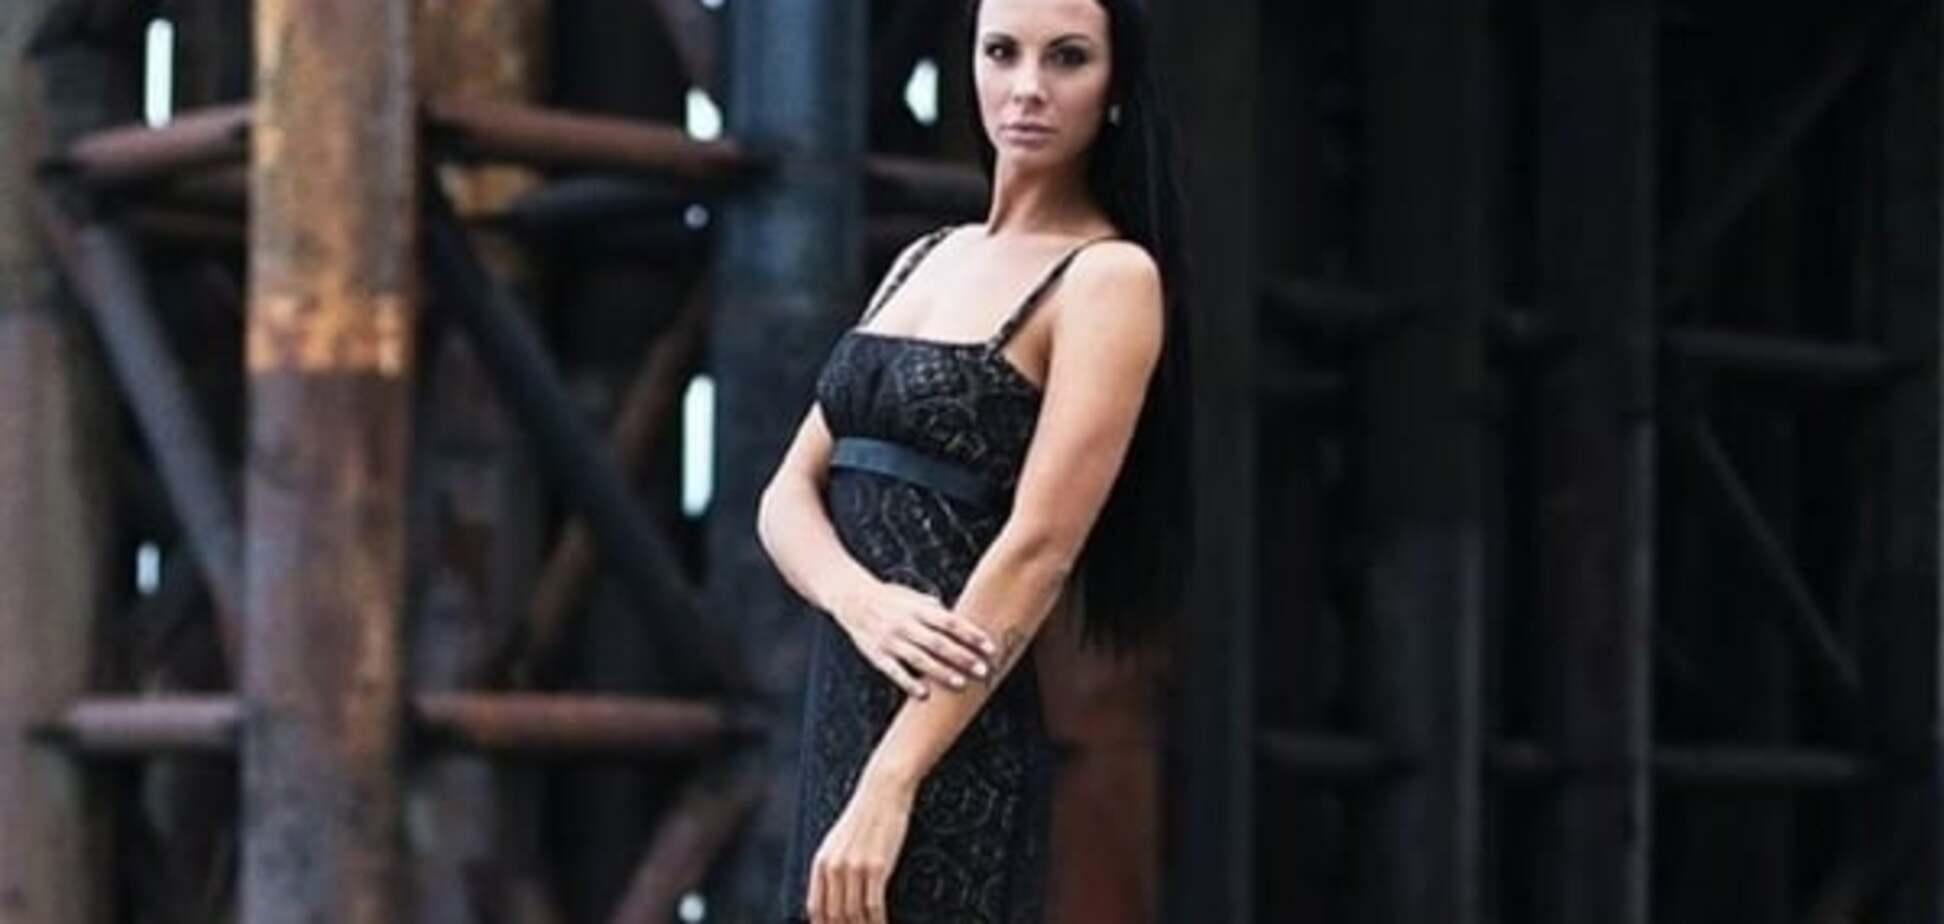 Красотка-коп Милевич показала длинные ноги и идеальный пресс в новой фотосессии